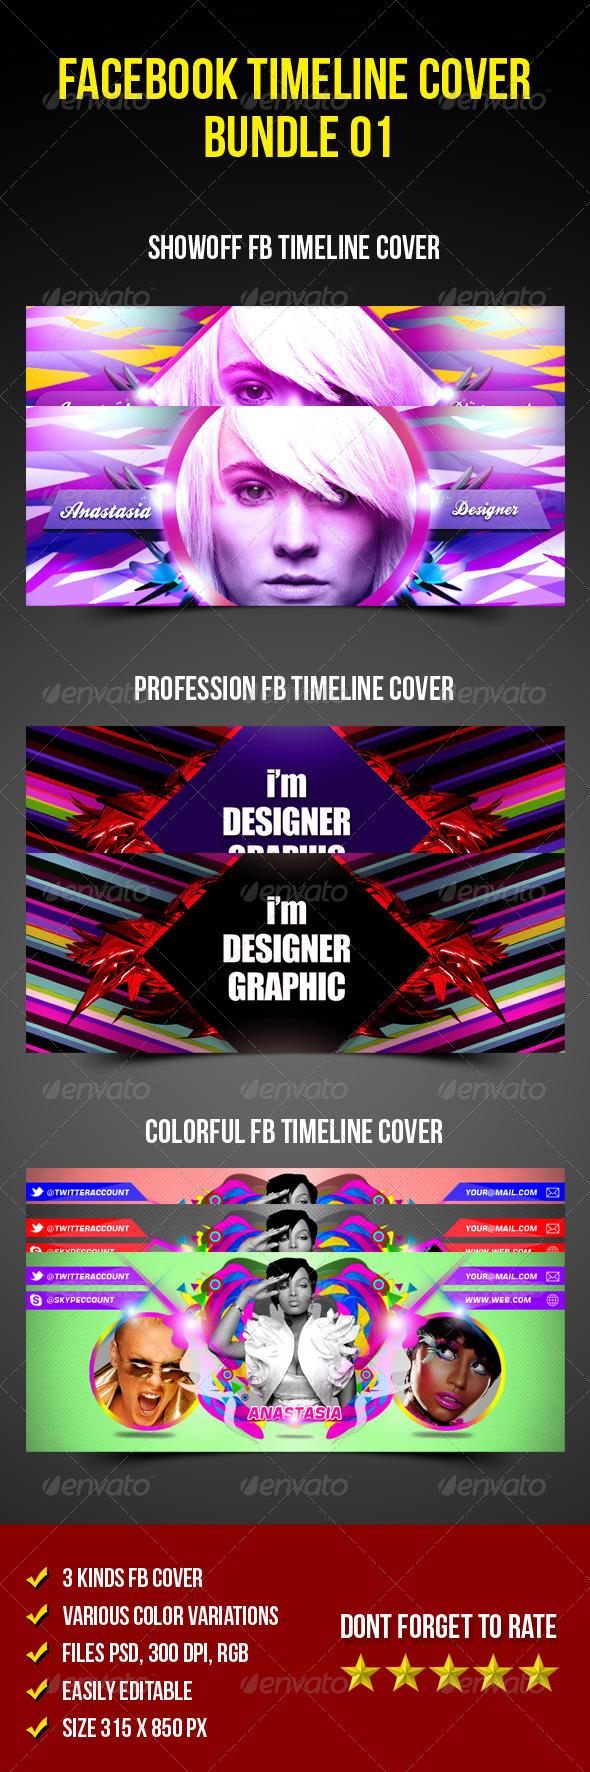 Facebook Timeline Cover Bundle 01 - Facebook Timeline Covers Social Media